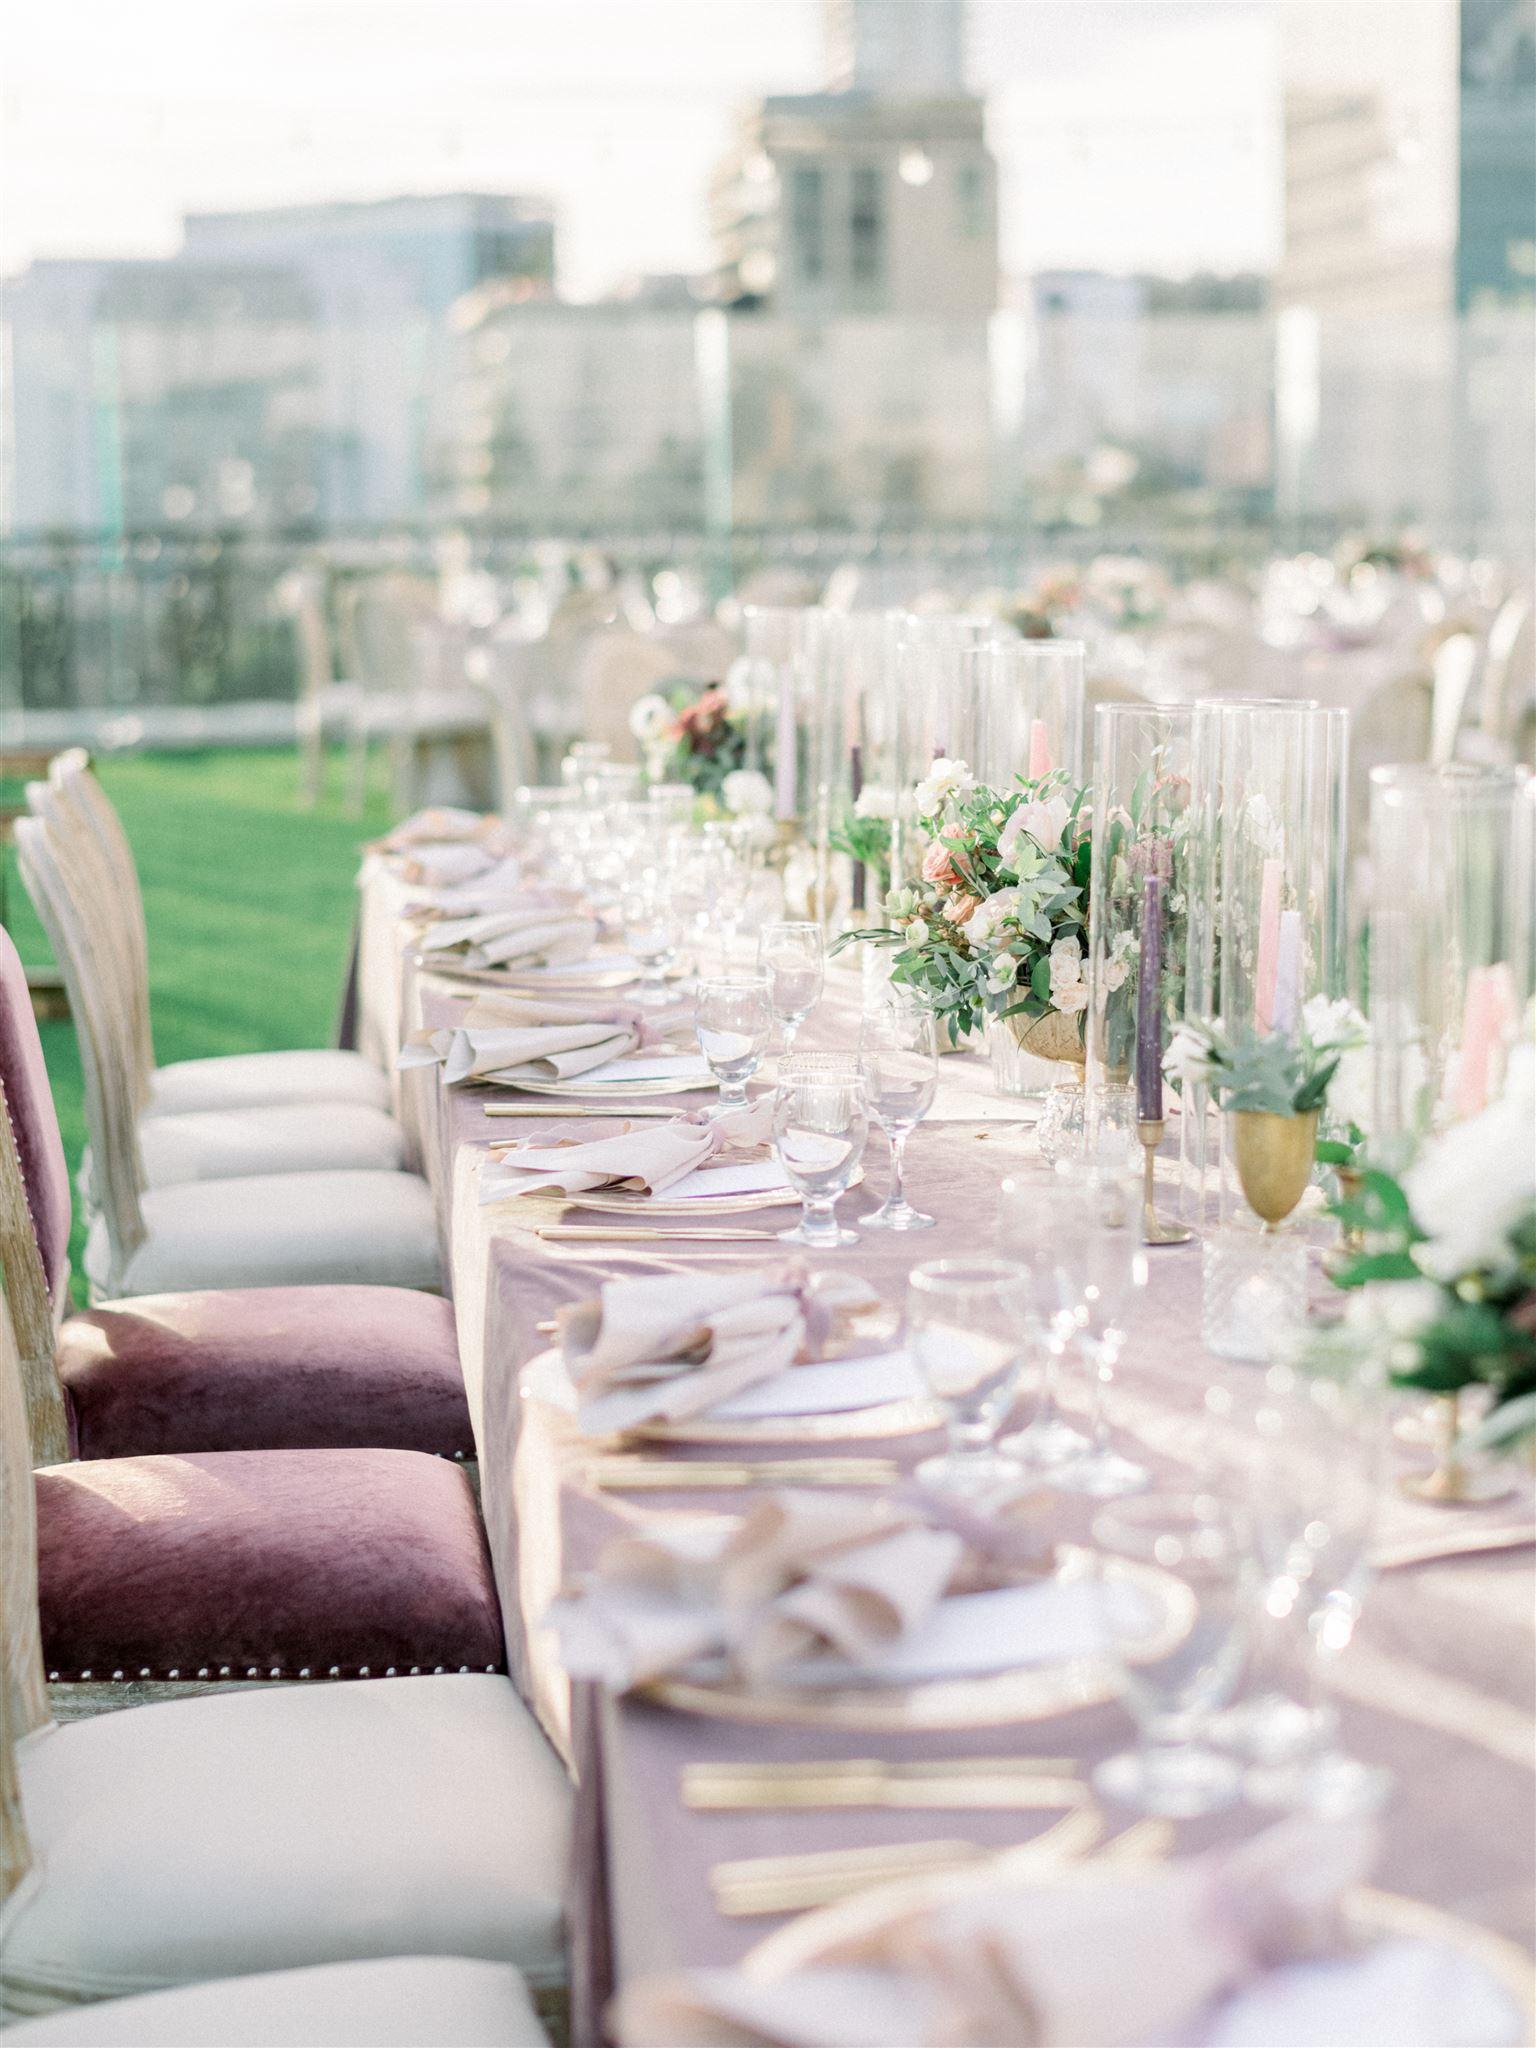 margaretandjames-wedding-1035_websize (1).jpg